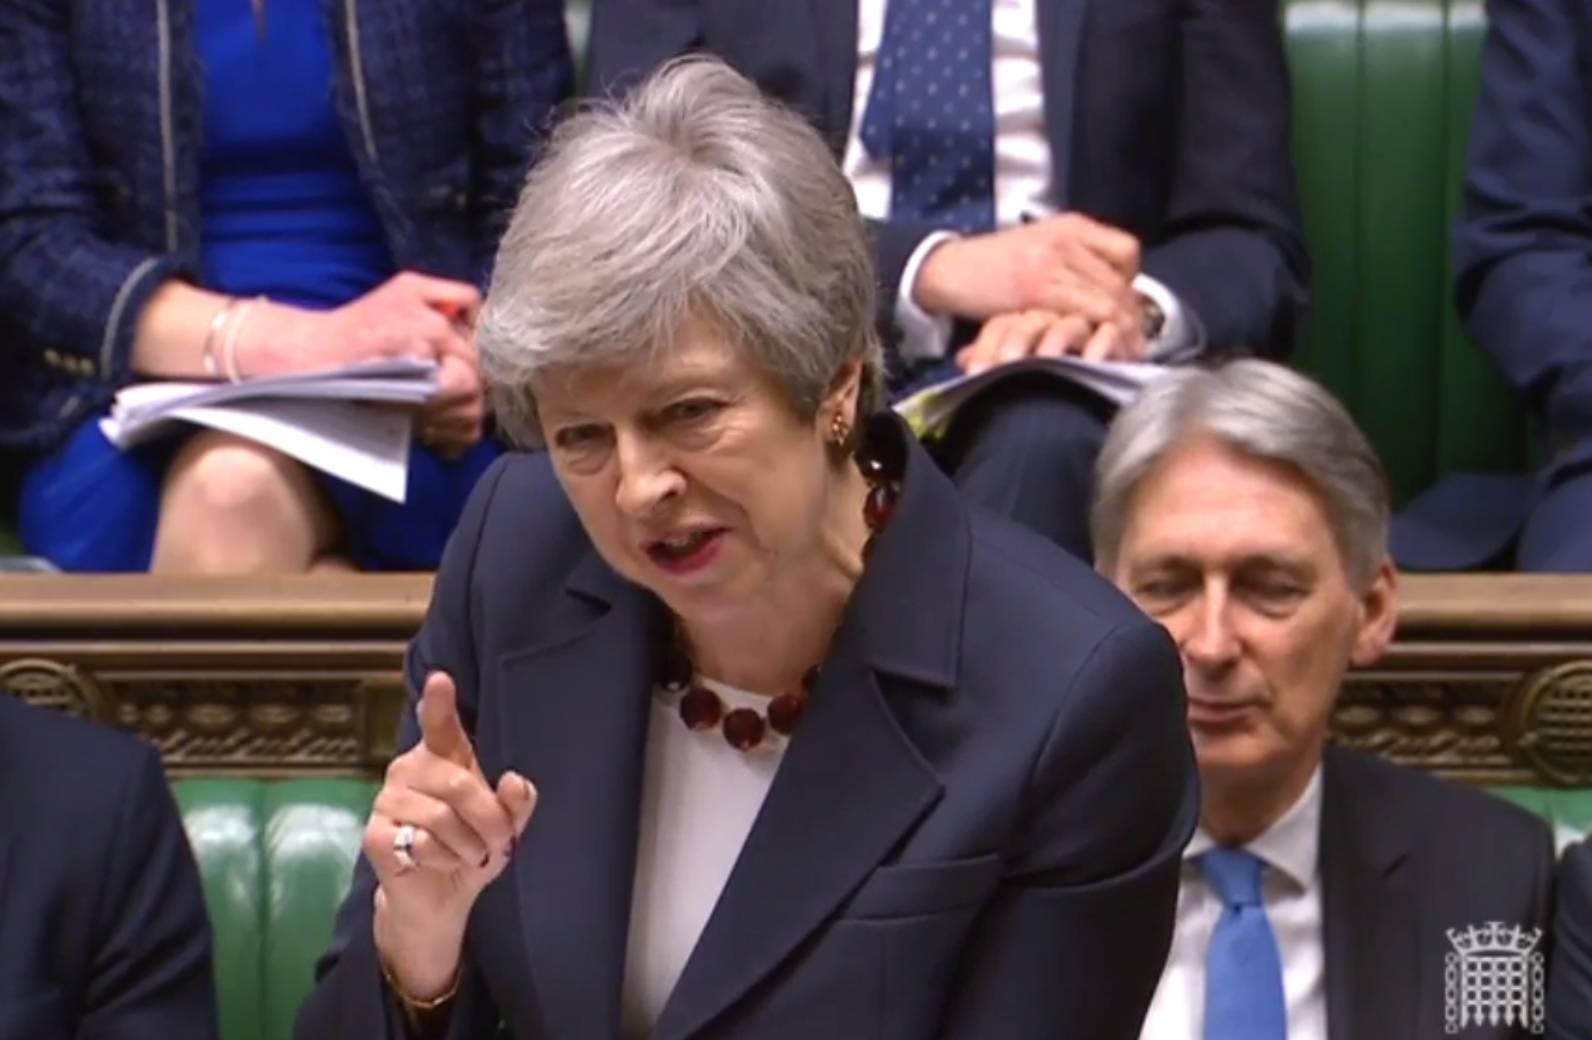 Acht Brexit-Alternativvorschläge abgelehnt: No, No, No ... britisches Unterhaus taumelt ins Chaos